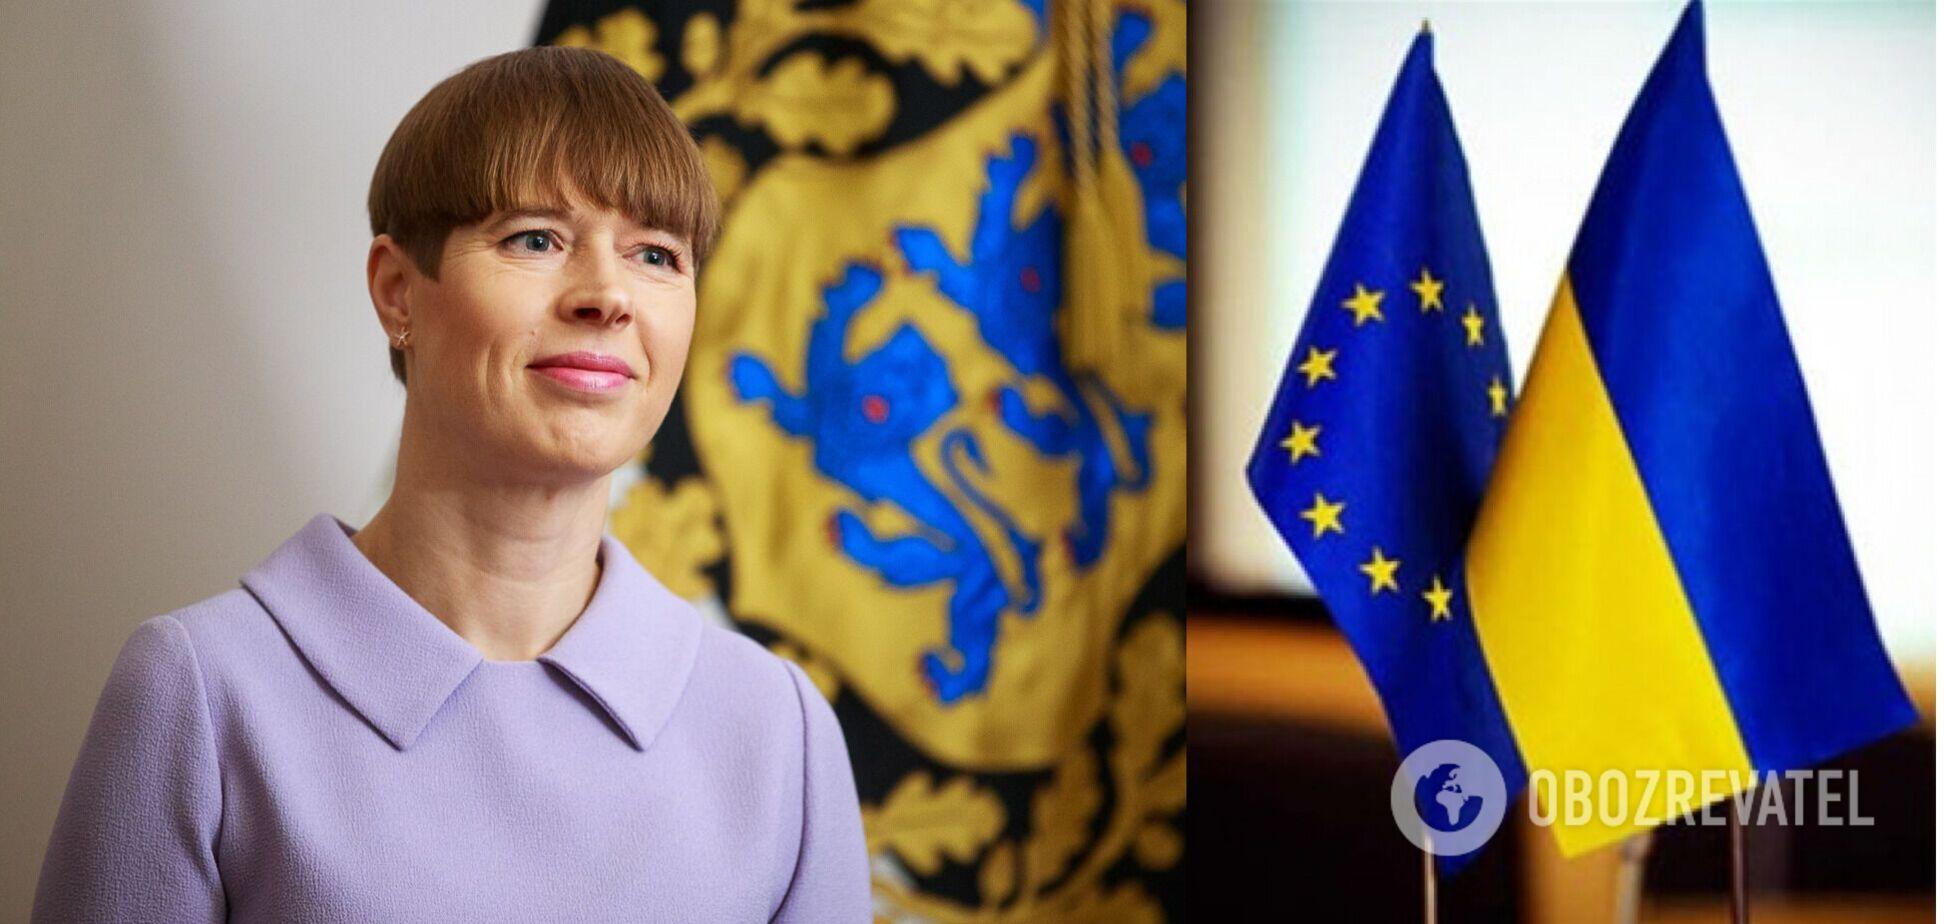 Президент Эстонии о перспективах членства Украины в ЕС: понадобится с 20 лет работы